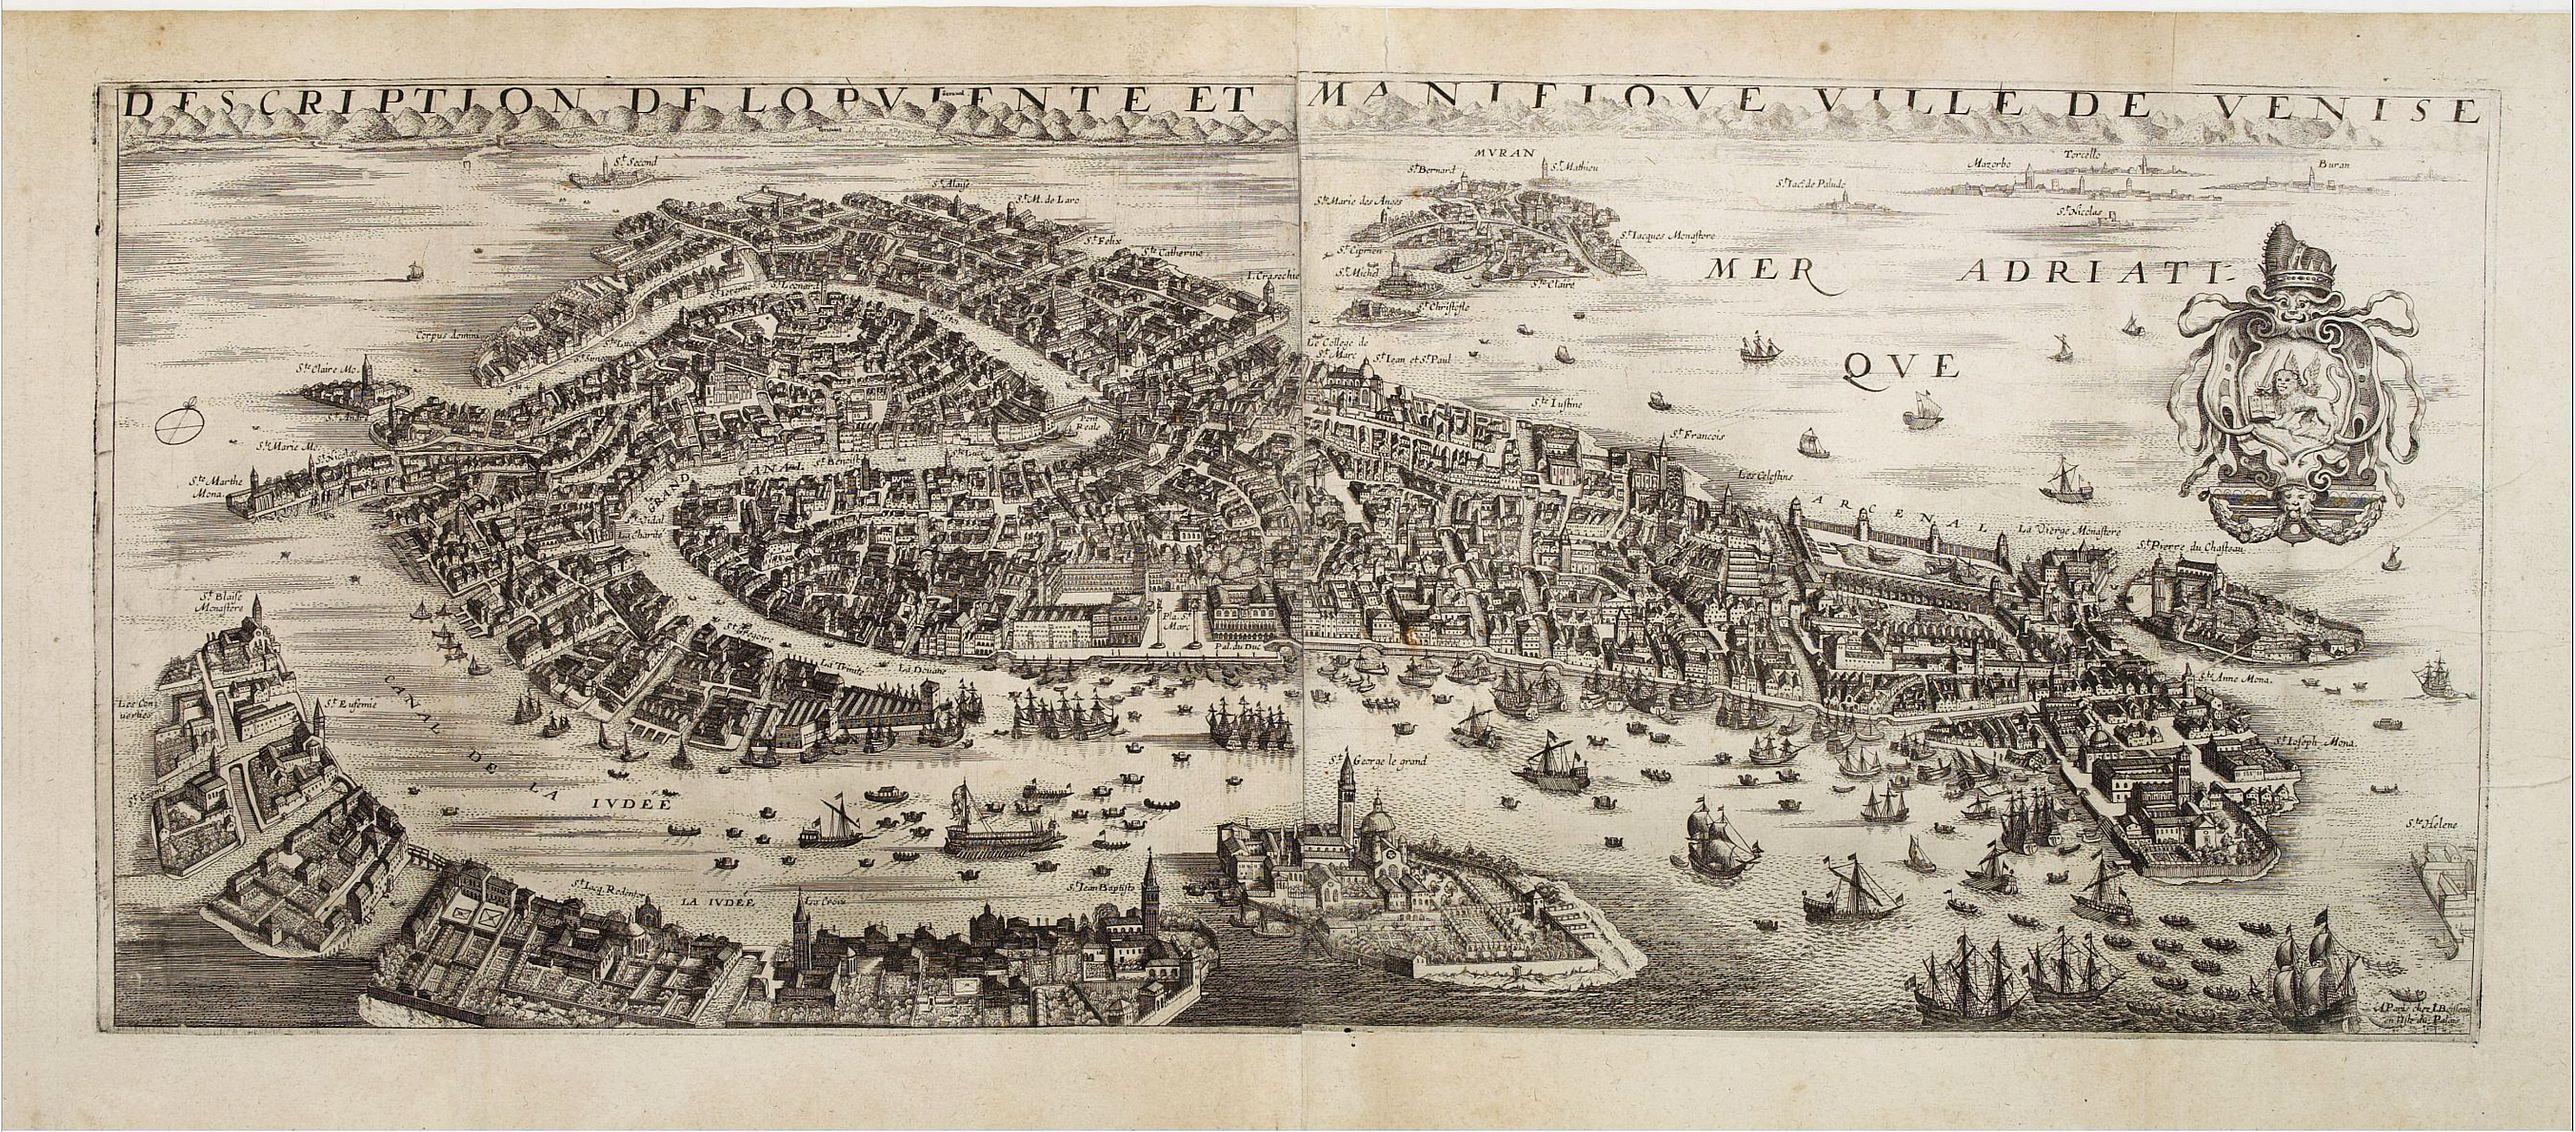 BOISSEAU, J. -  Desciption de lopulente et manifique ville de Venise.